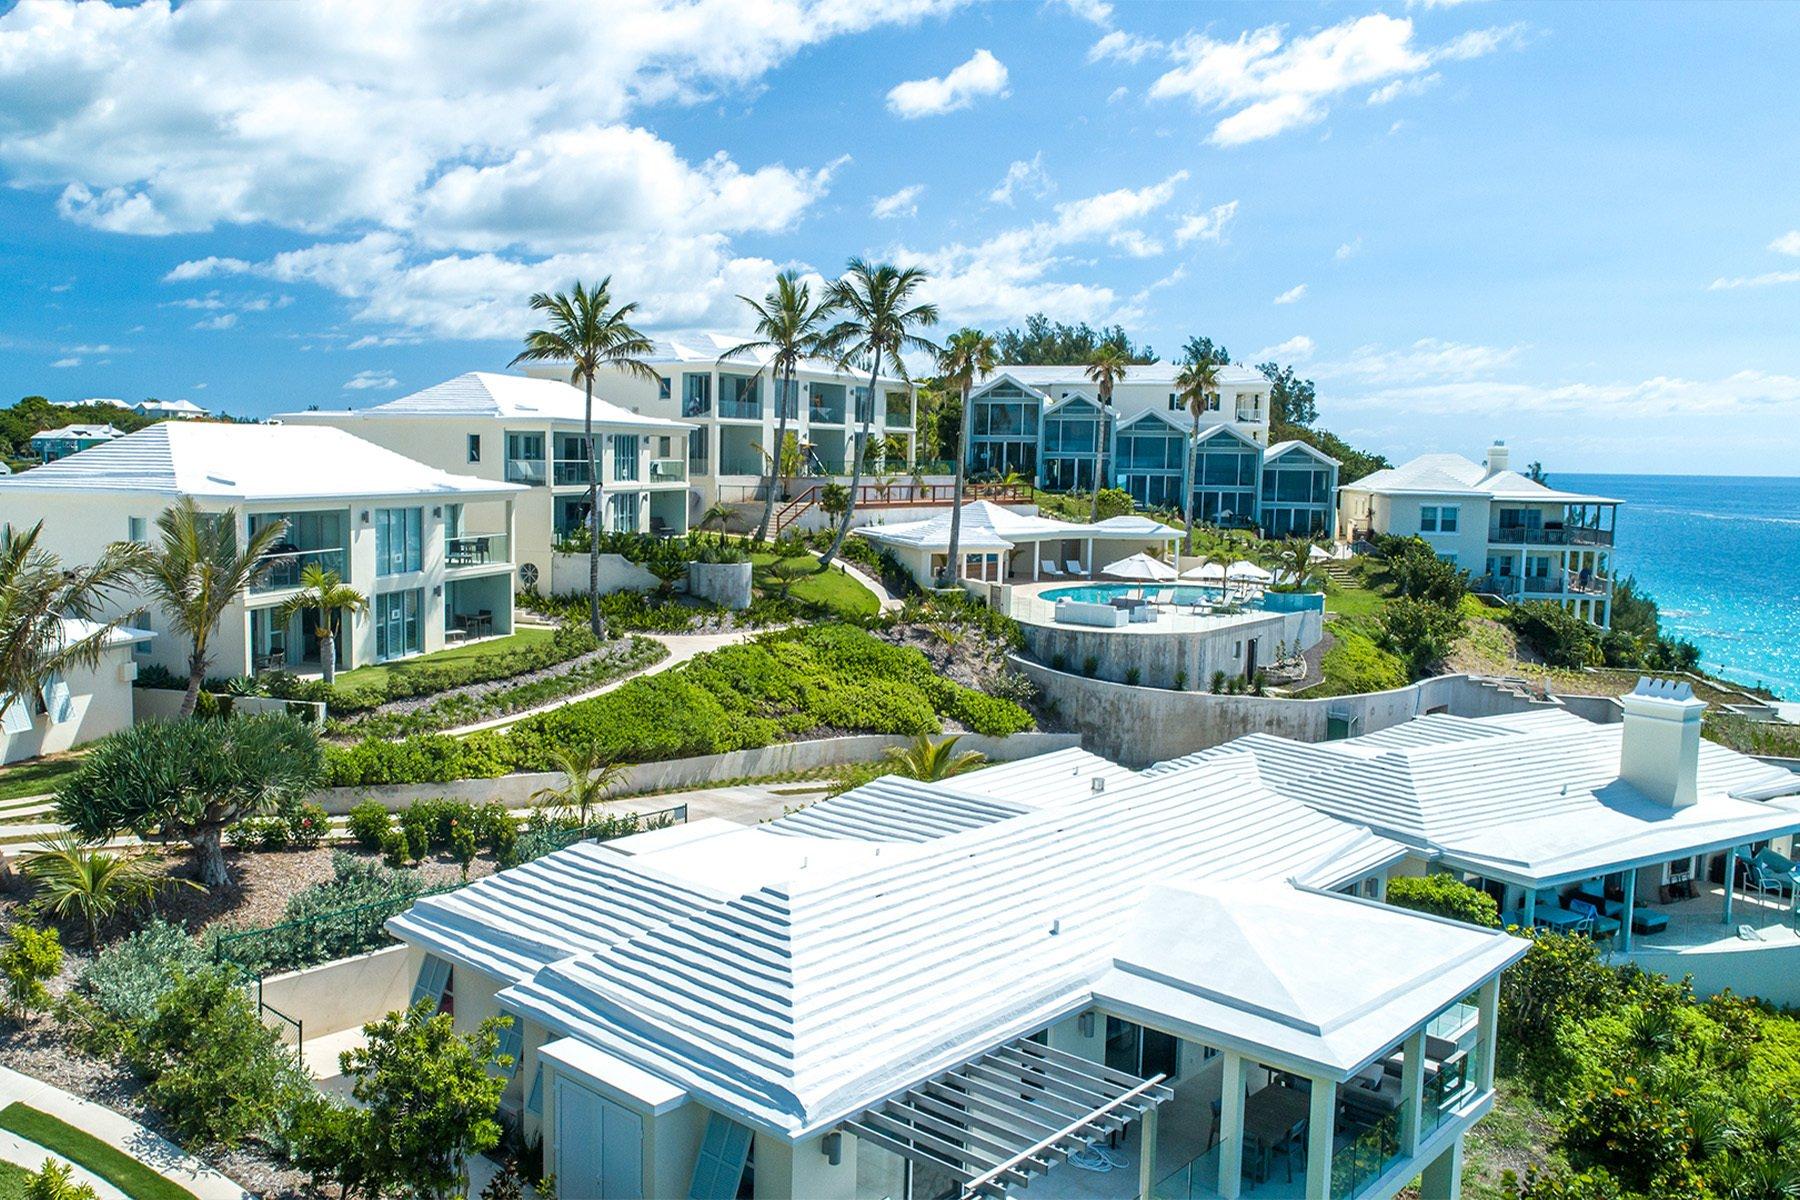 House in Warwick Parish, Bermuda 1